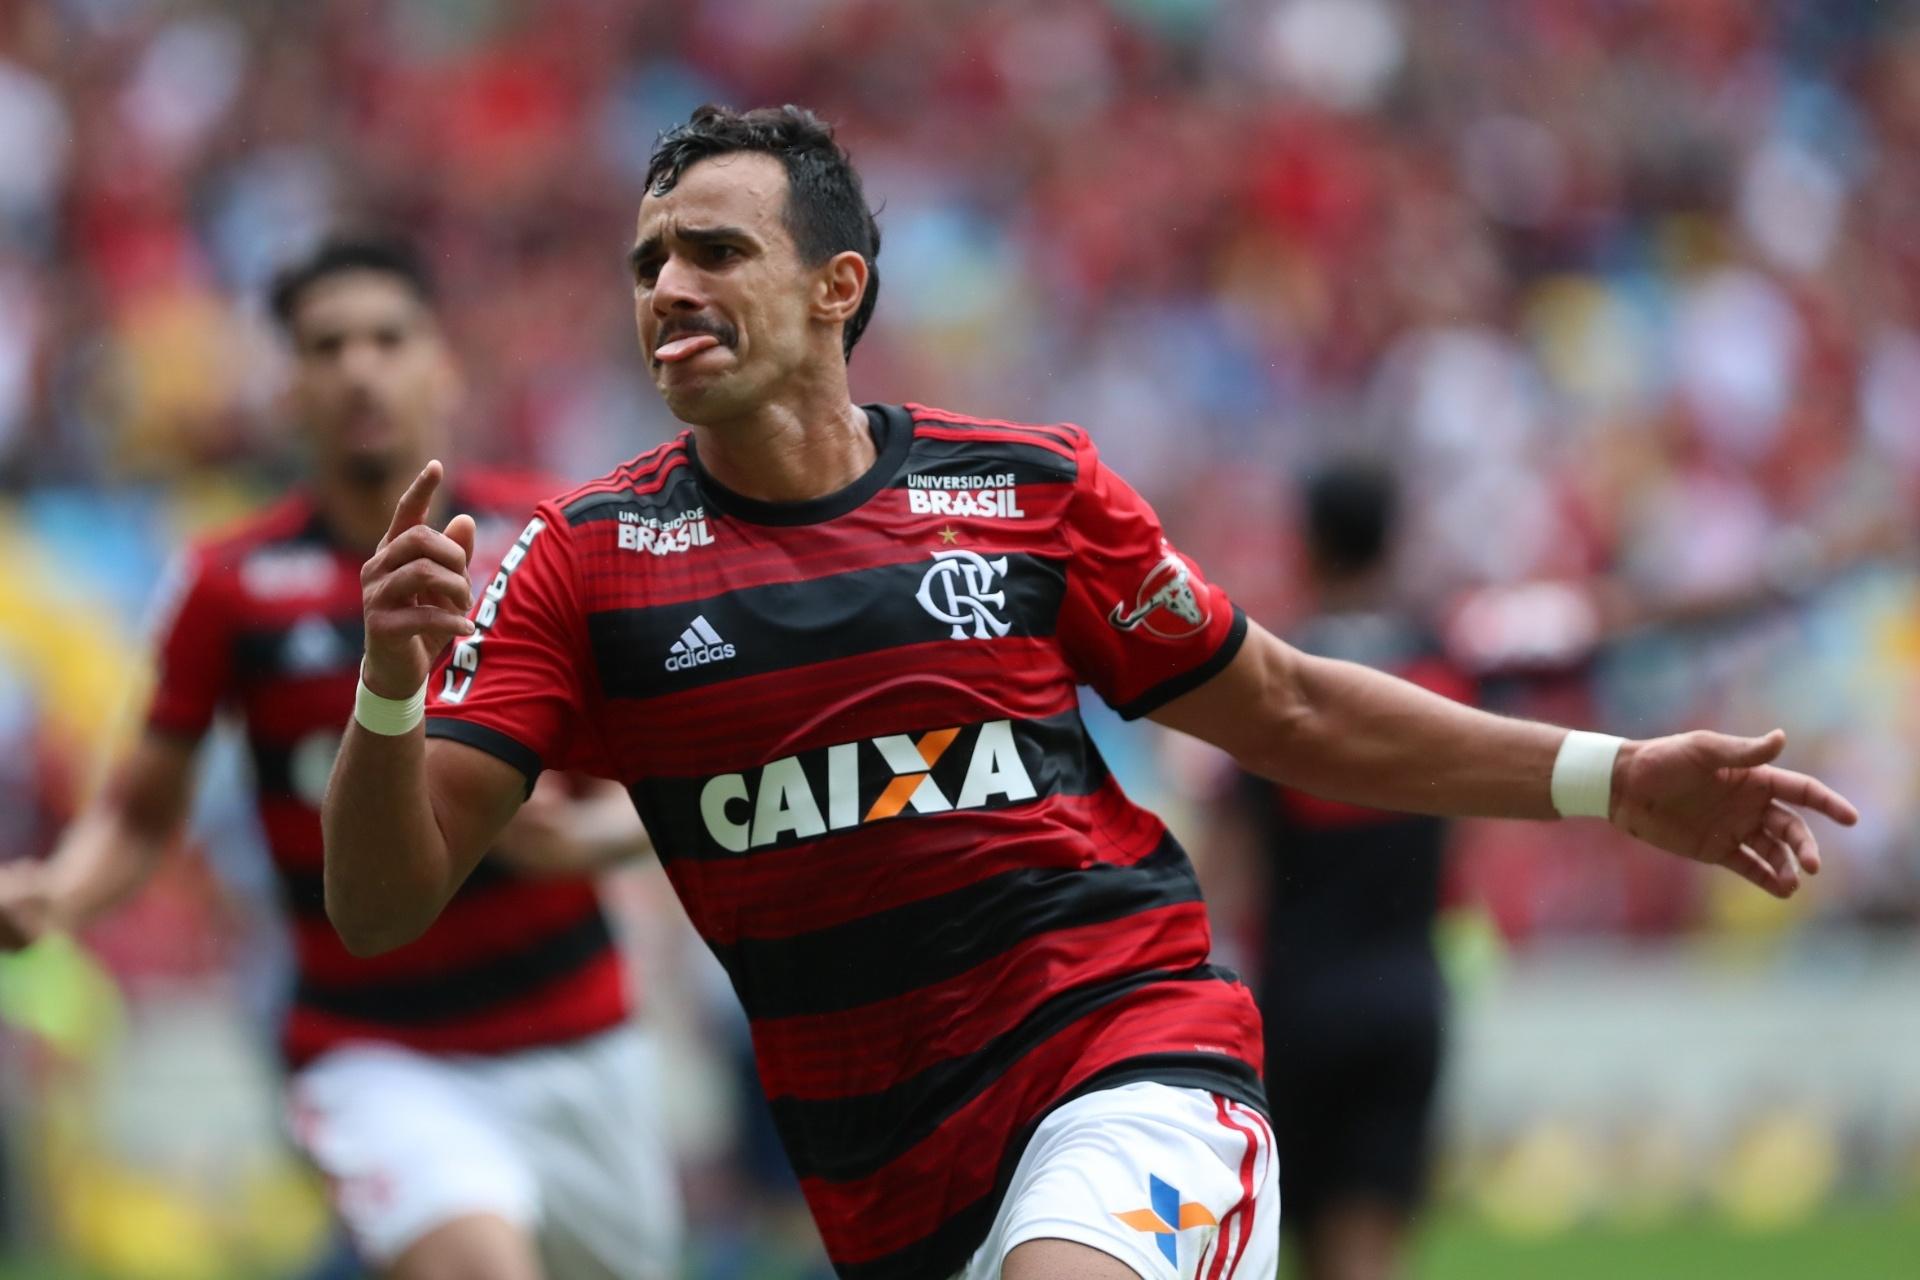 Corinthians escala Ralf e Fla vai de Henrique Dourado em decisão da Copa BR  - Esporte - BOL f3c6b866a3a9f